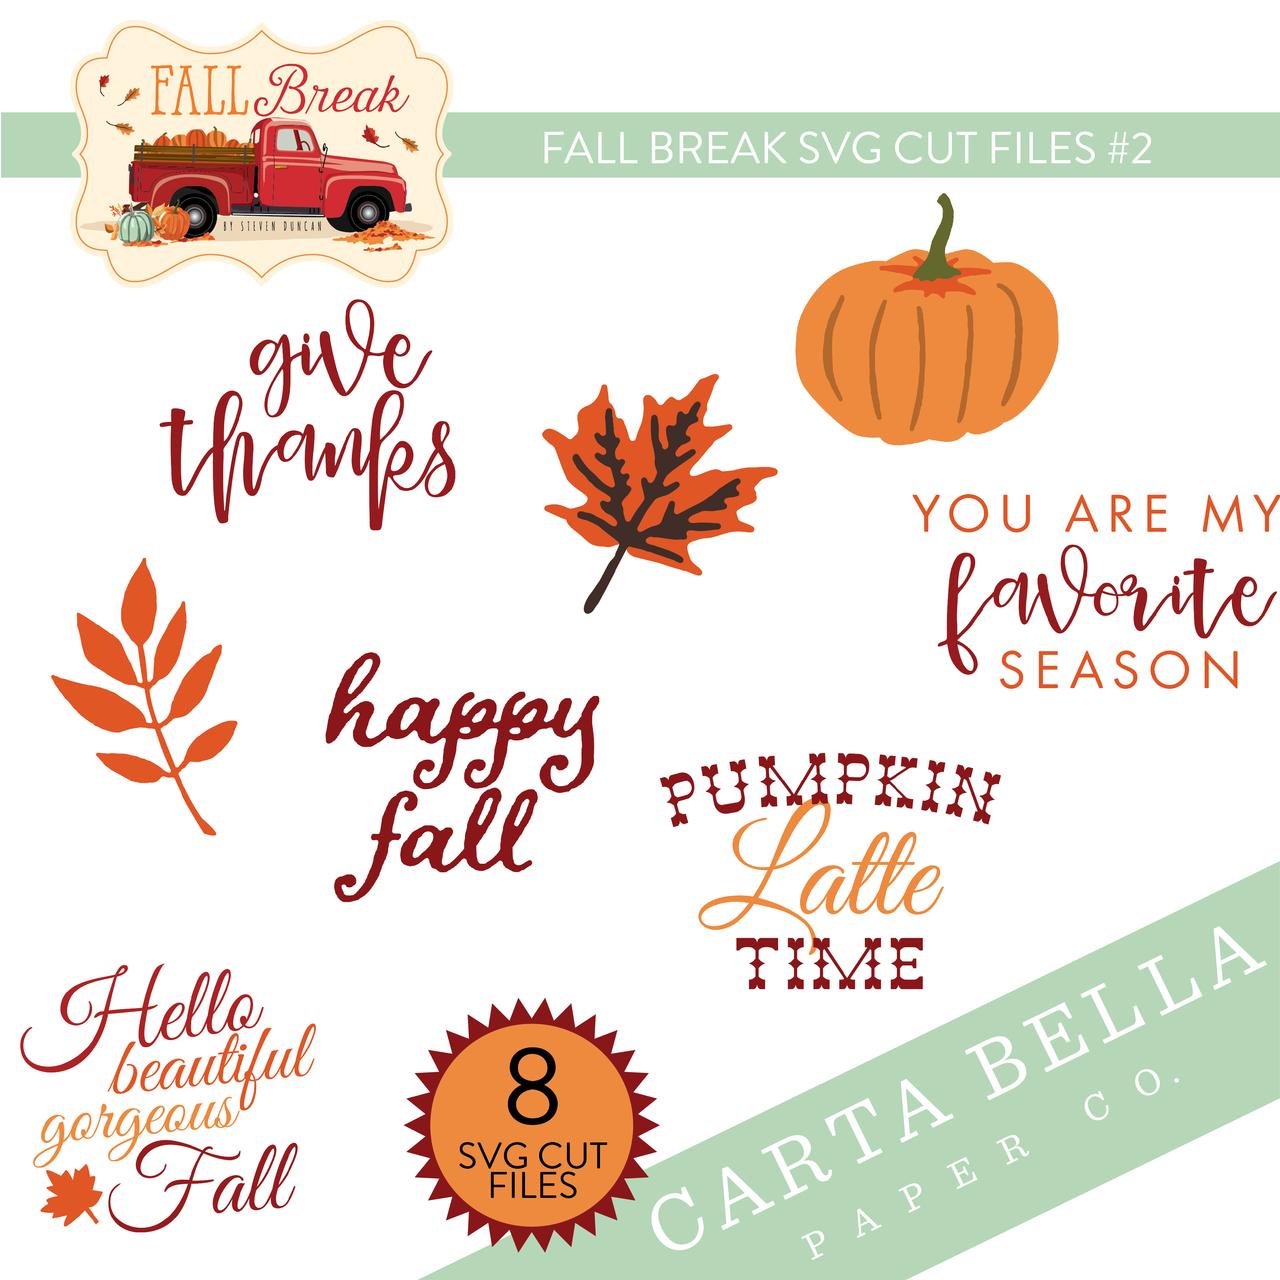 Fall Break SVG Cut Files #2